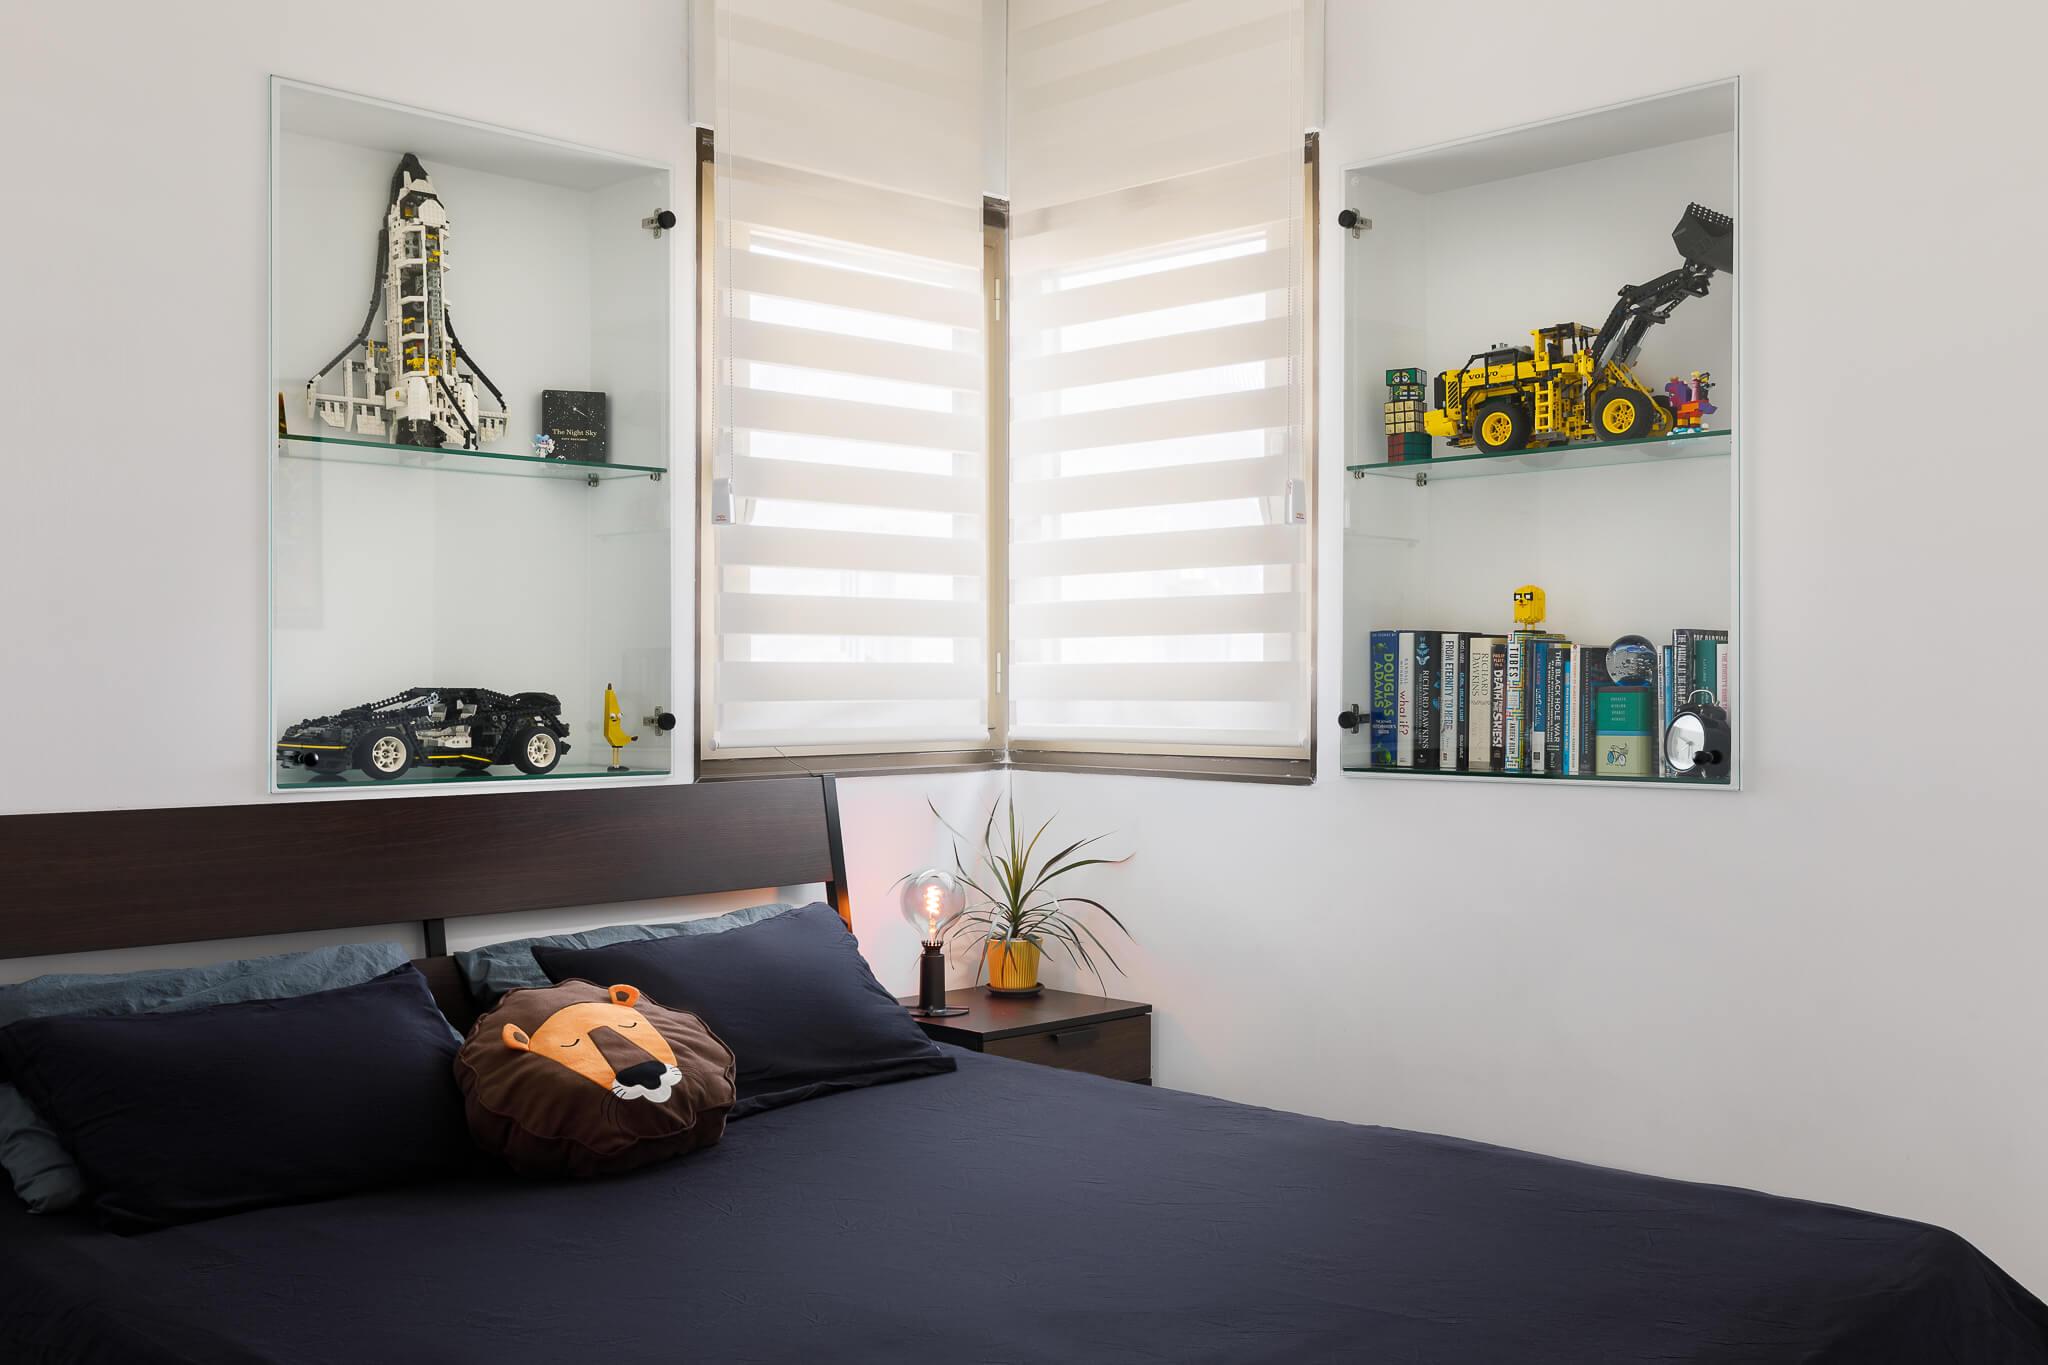 חדר שינה בדיזנגוף